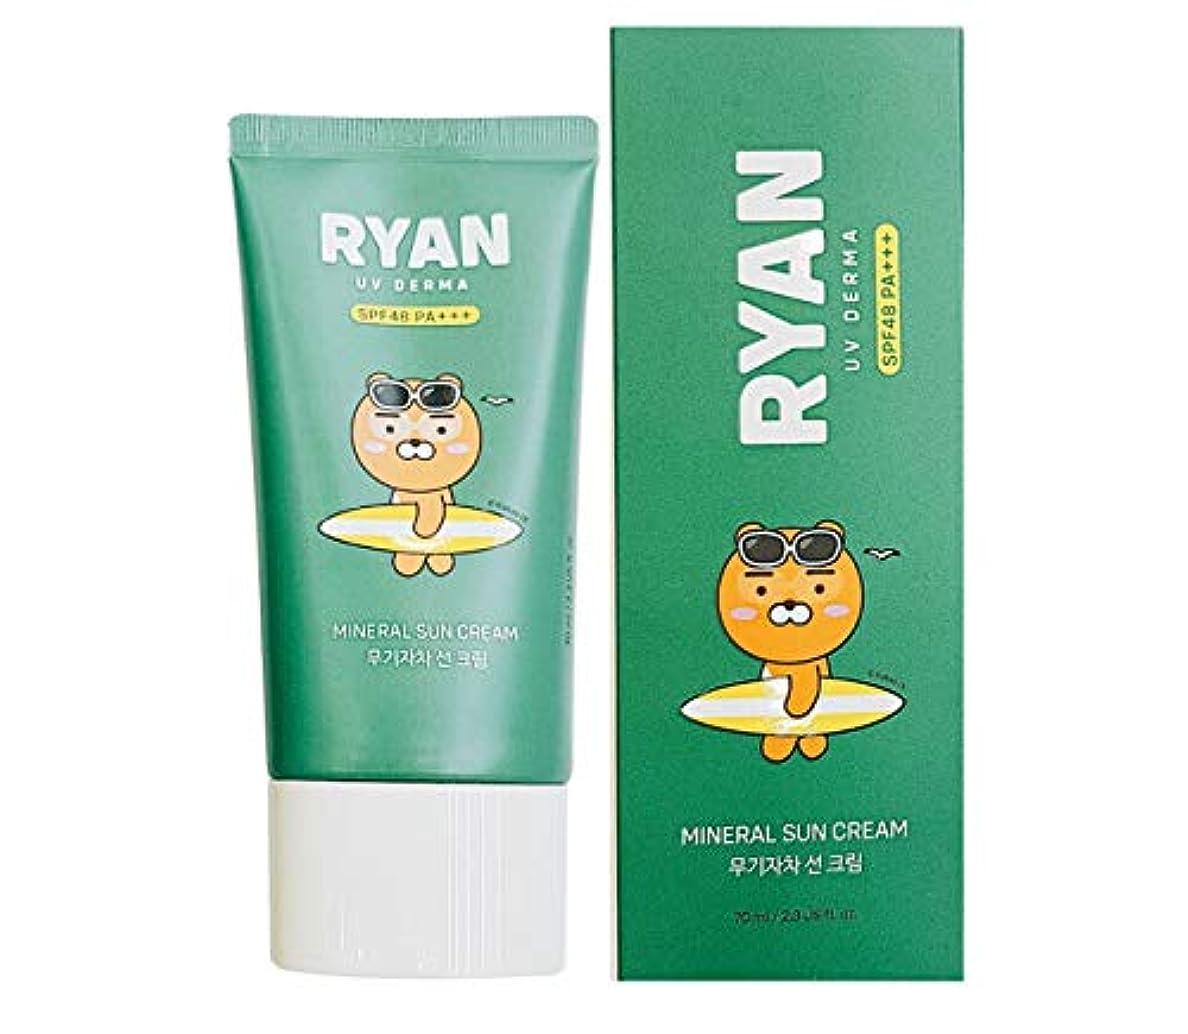 来て証人安定した[ザ?フェイスショップ] THE FACE SHOP [カカオフレンズ ライオン UVデルマ ミネラル サンクリーム 70ml] (Kakao Friends RYAN UV Derma Mineral Sun Cream...